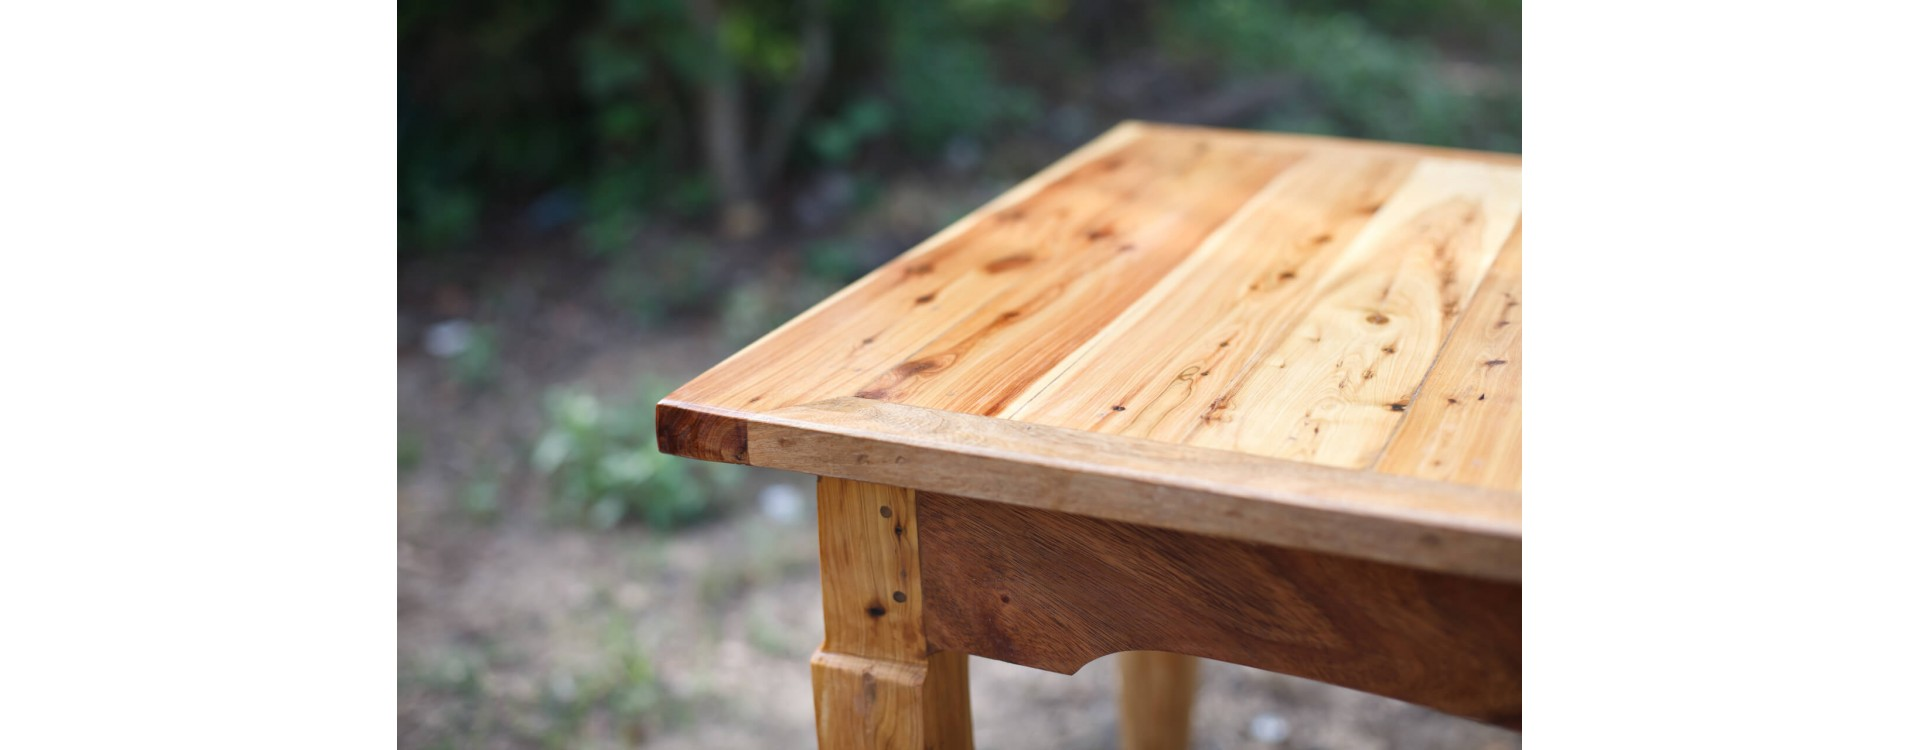 Che cosa sono i nodi del legno e perché non bisogna sottovalutarli